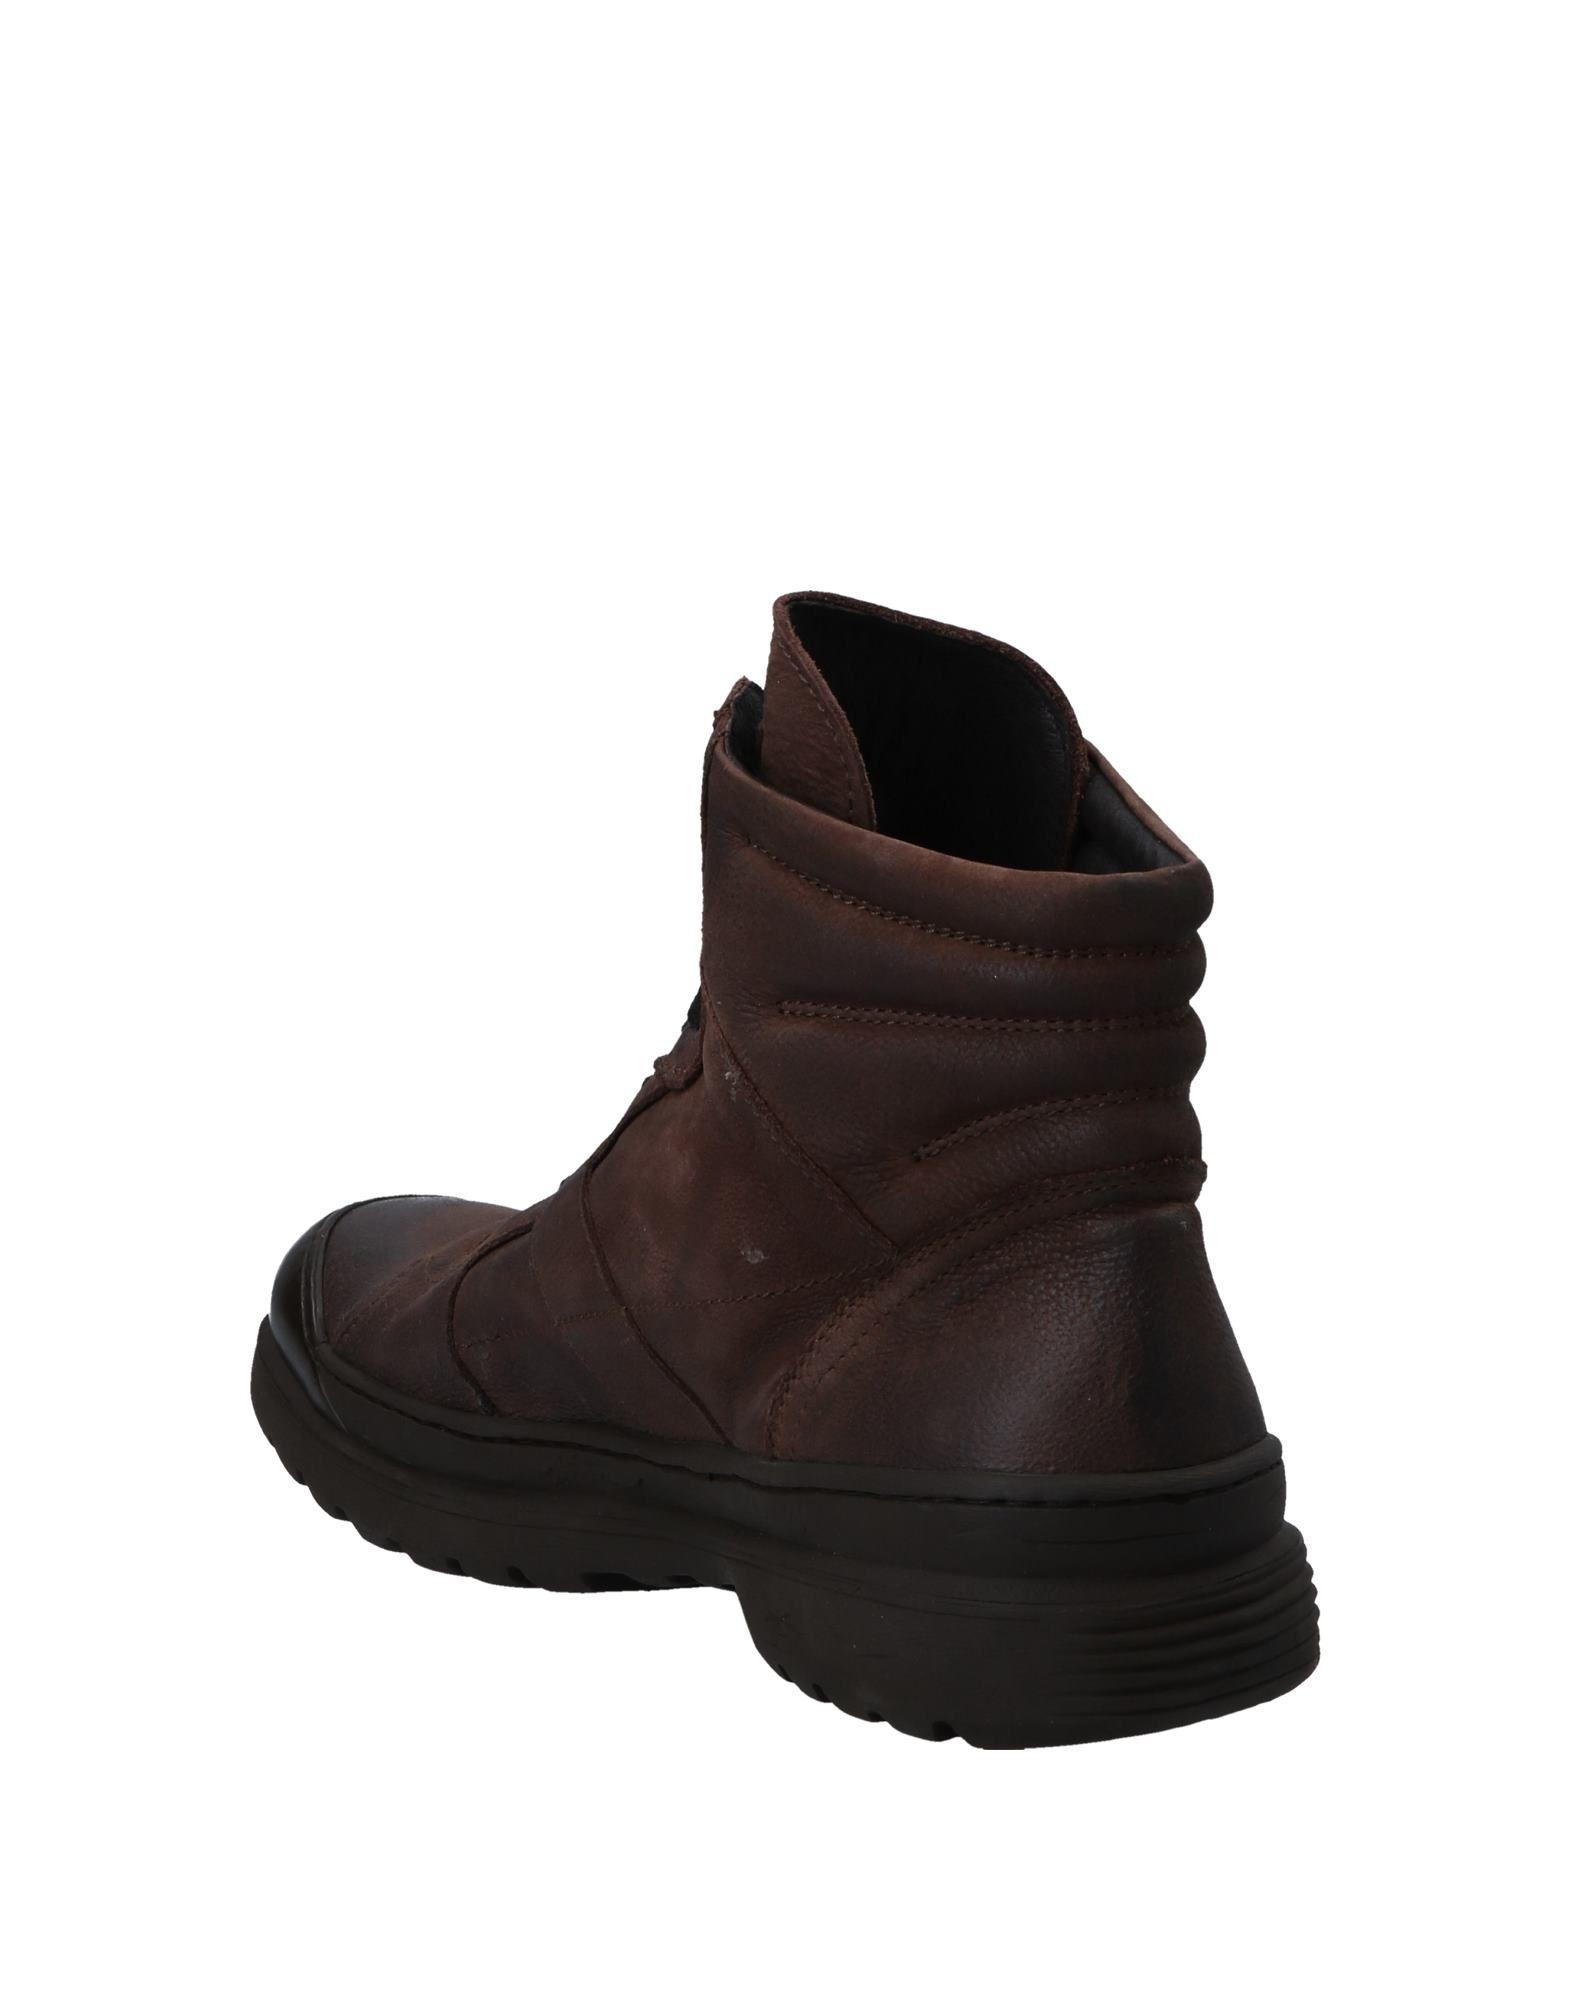 Rabatt echte Schuhe Debut 11546569IS Line Stiefelette Herren  11546569IS Debut a77e97